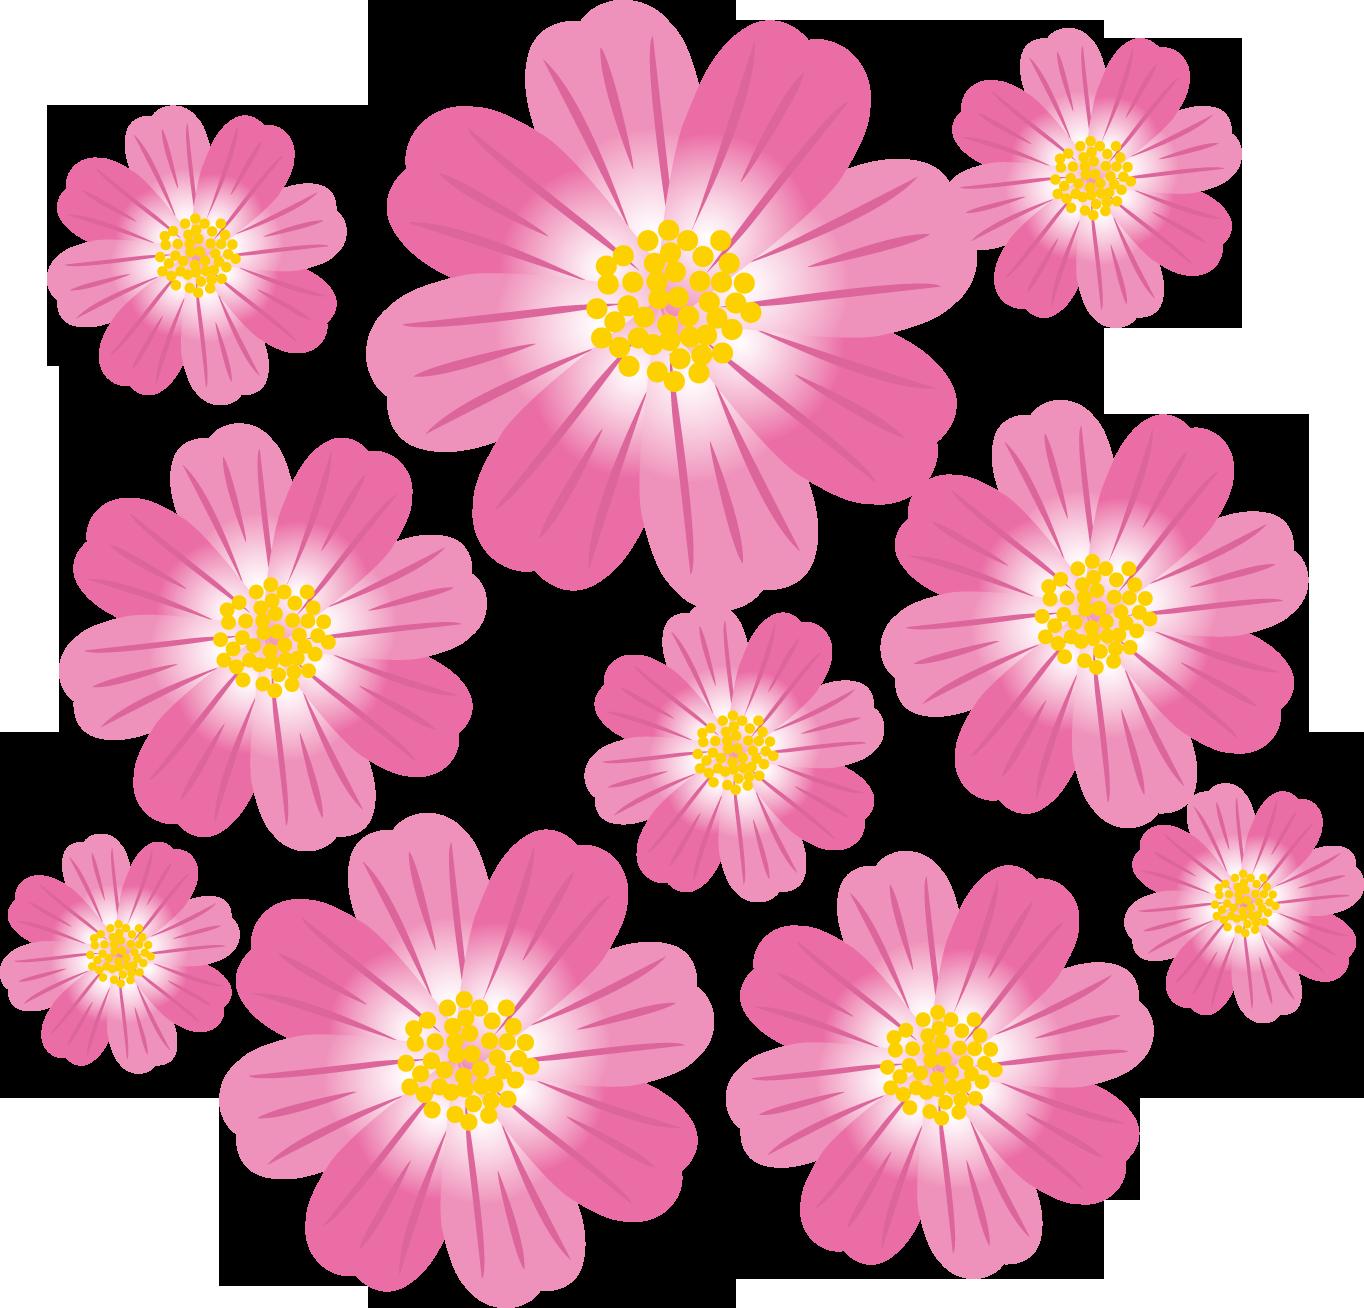 花のイラスト・フリー素材|ダウンロード02【素材っち】